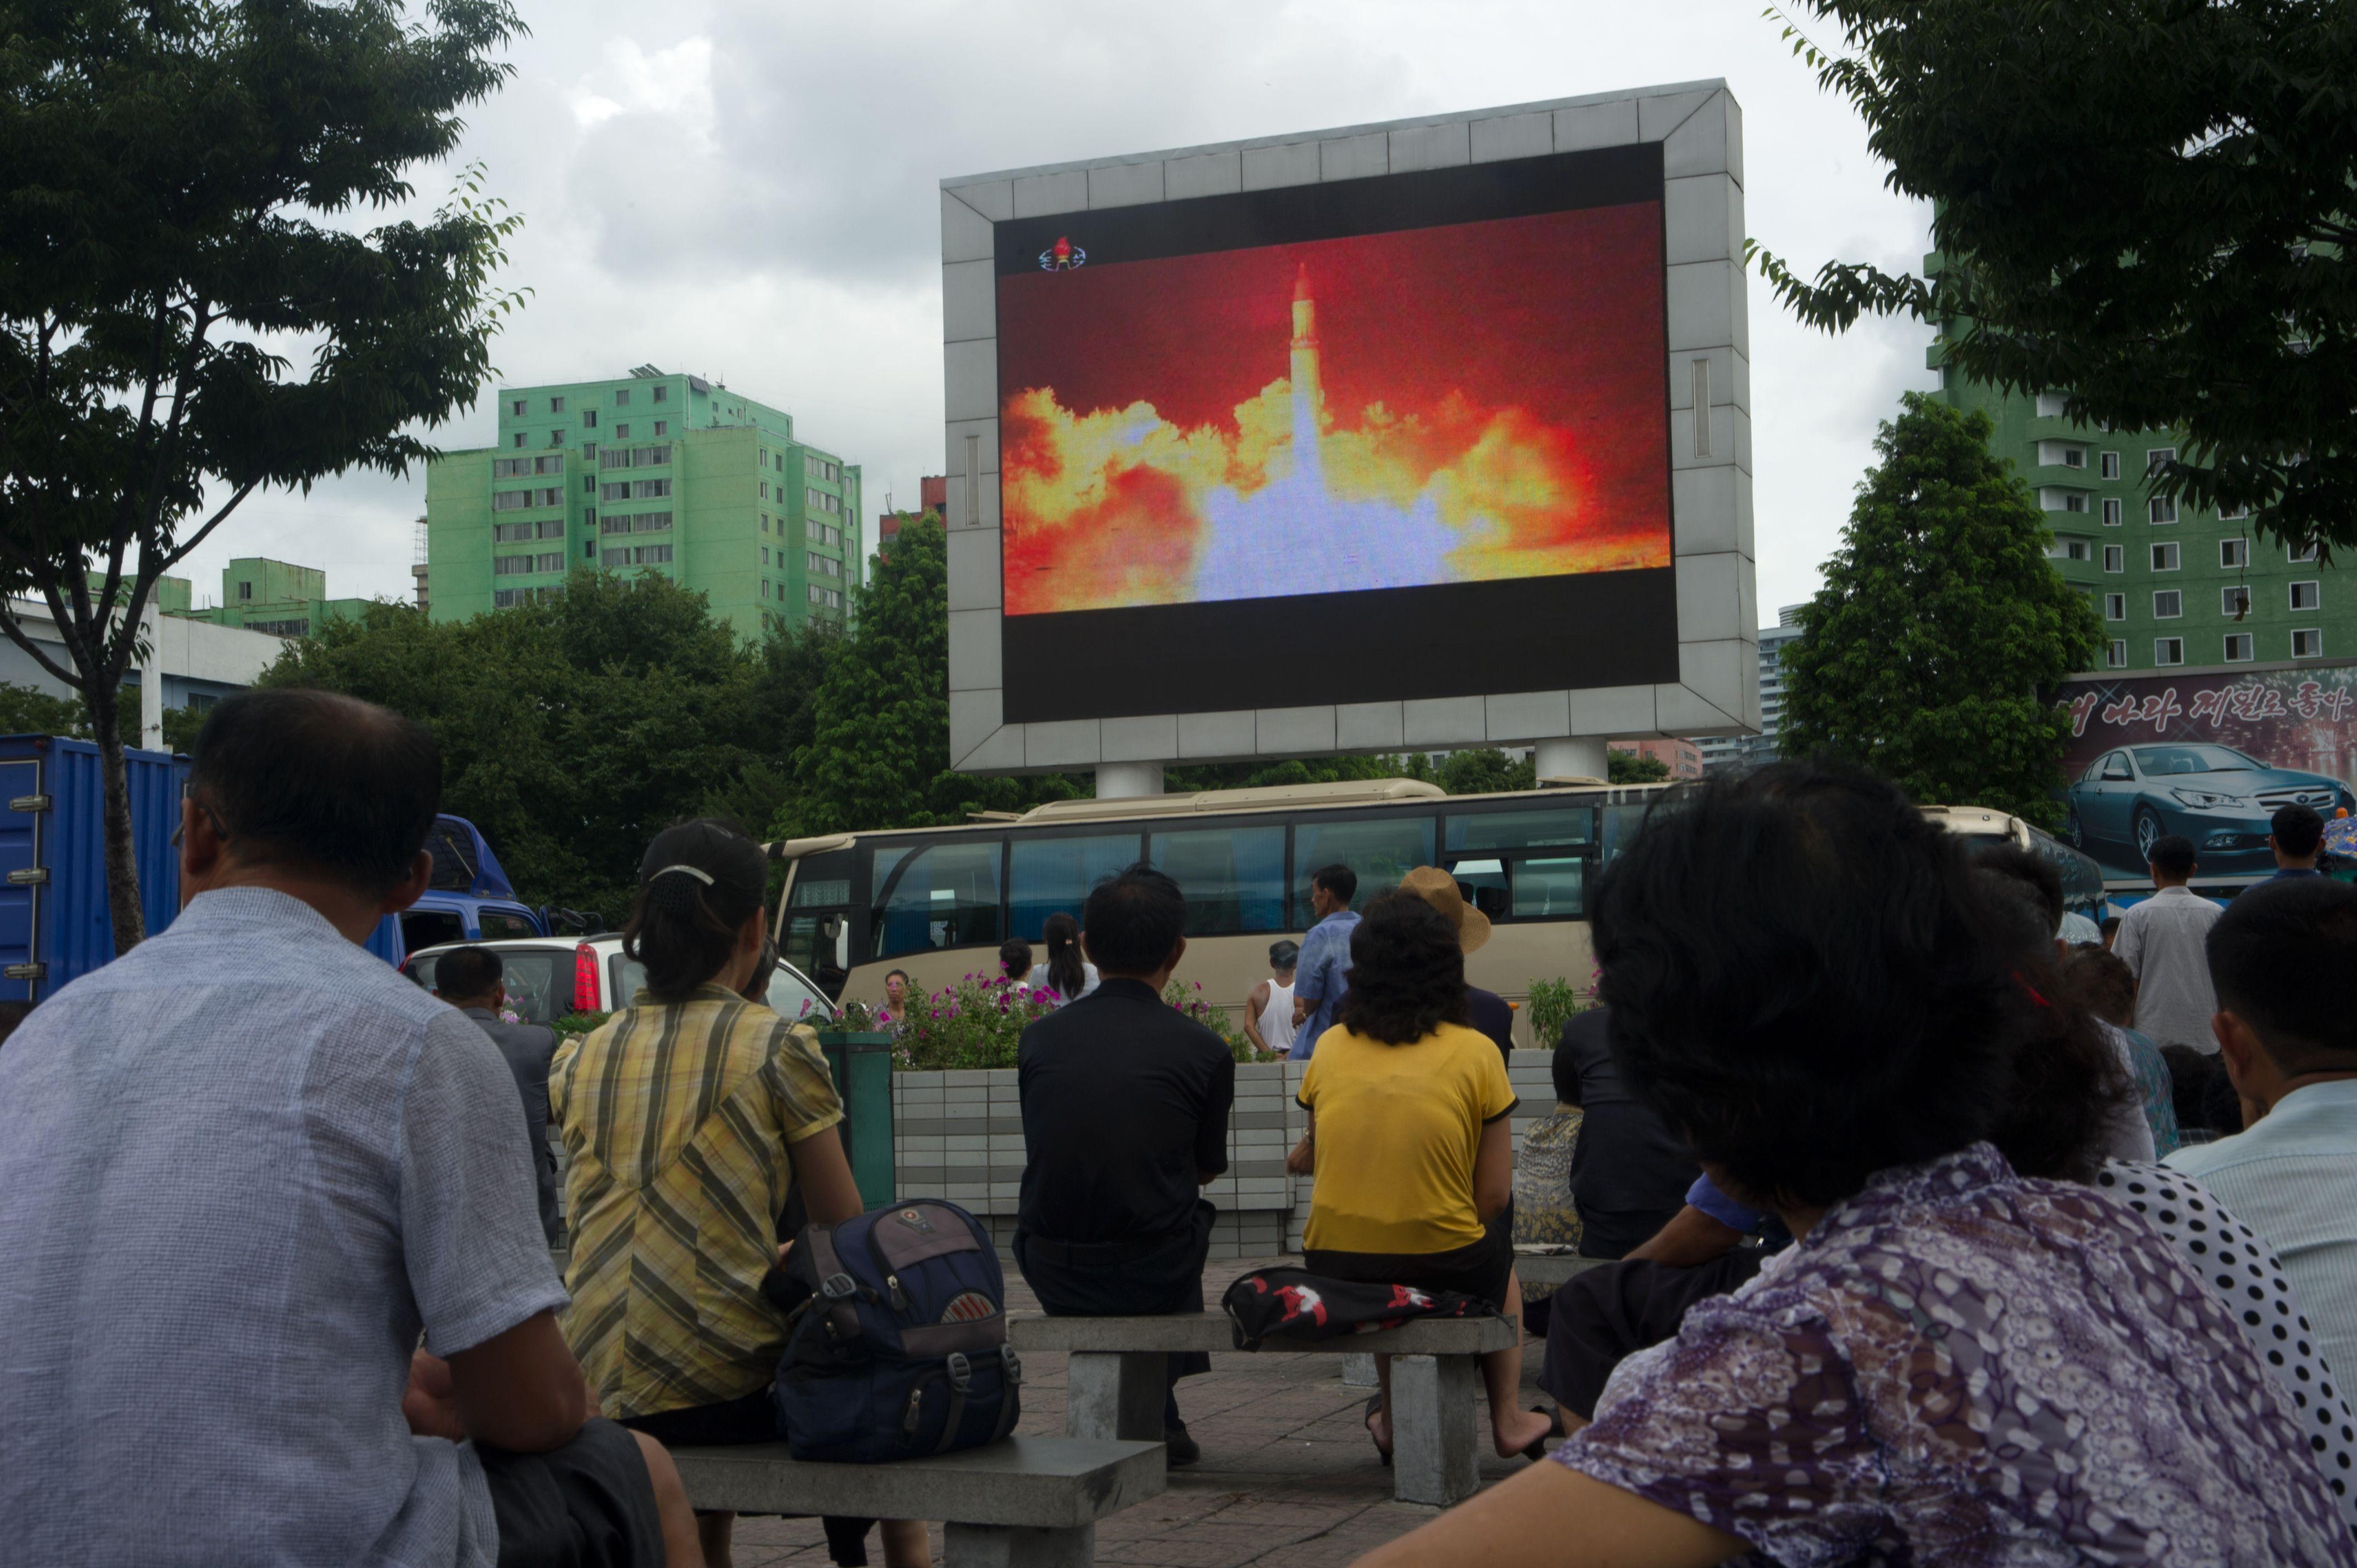 28日の北朝鮮のICBM発射に関する報道を見る韓国市民。(KIM WON-JIN/AFP/Getty Images)